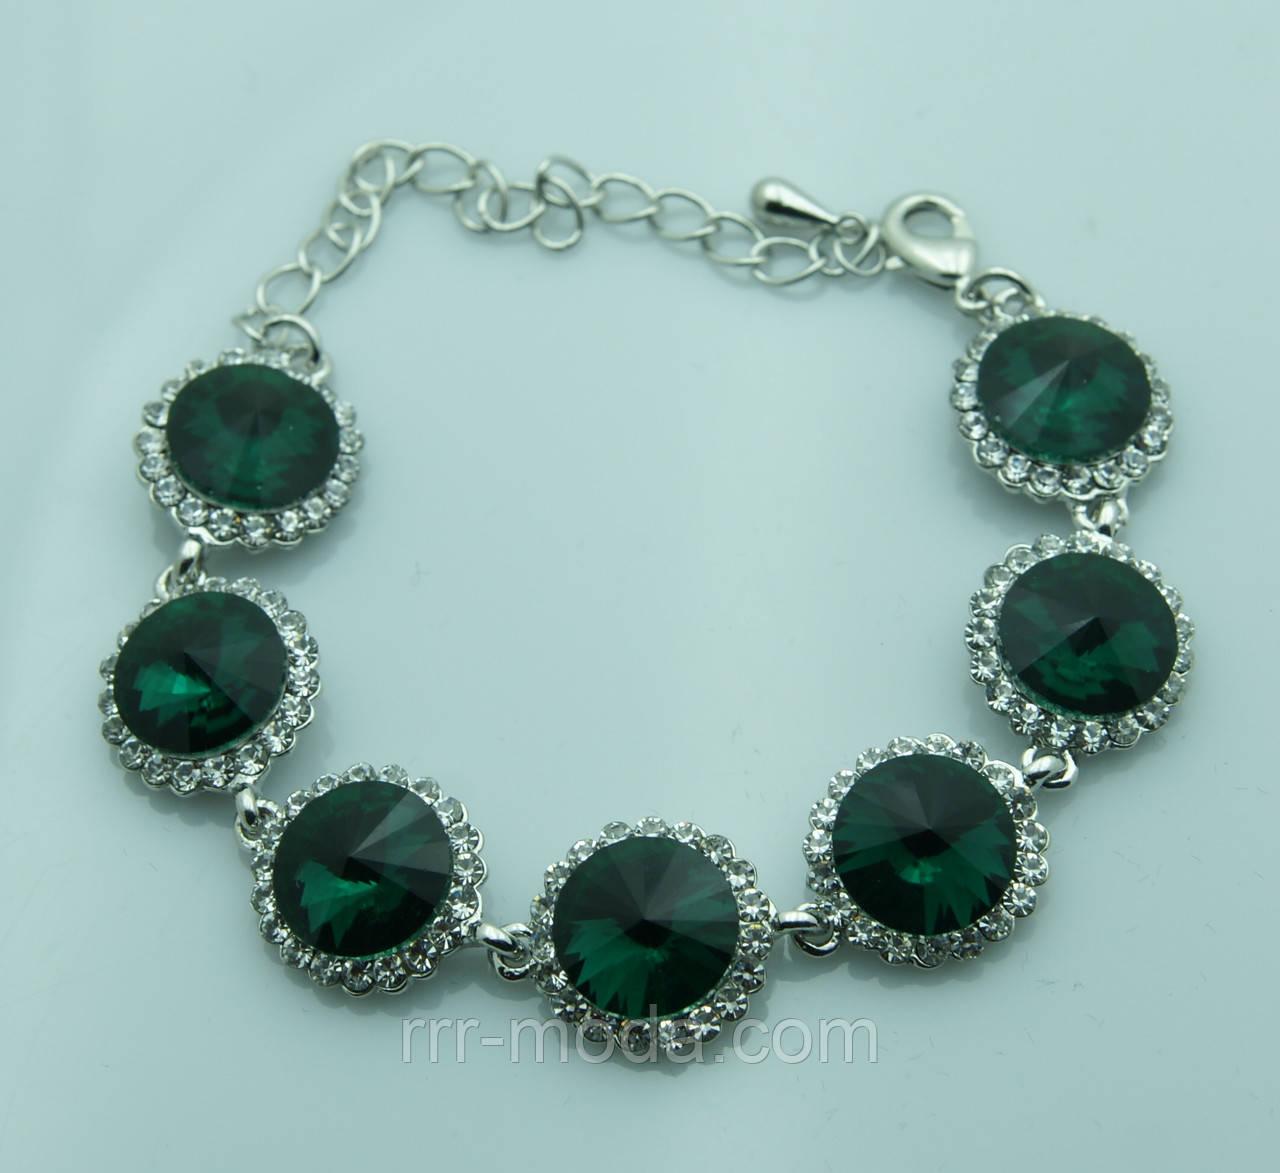 1067. Браслеты из зеленых кристаллов от RRR